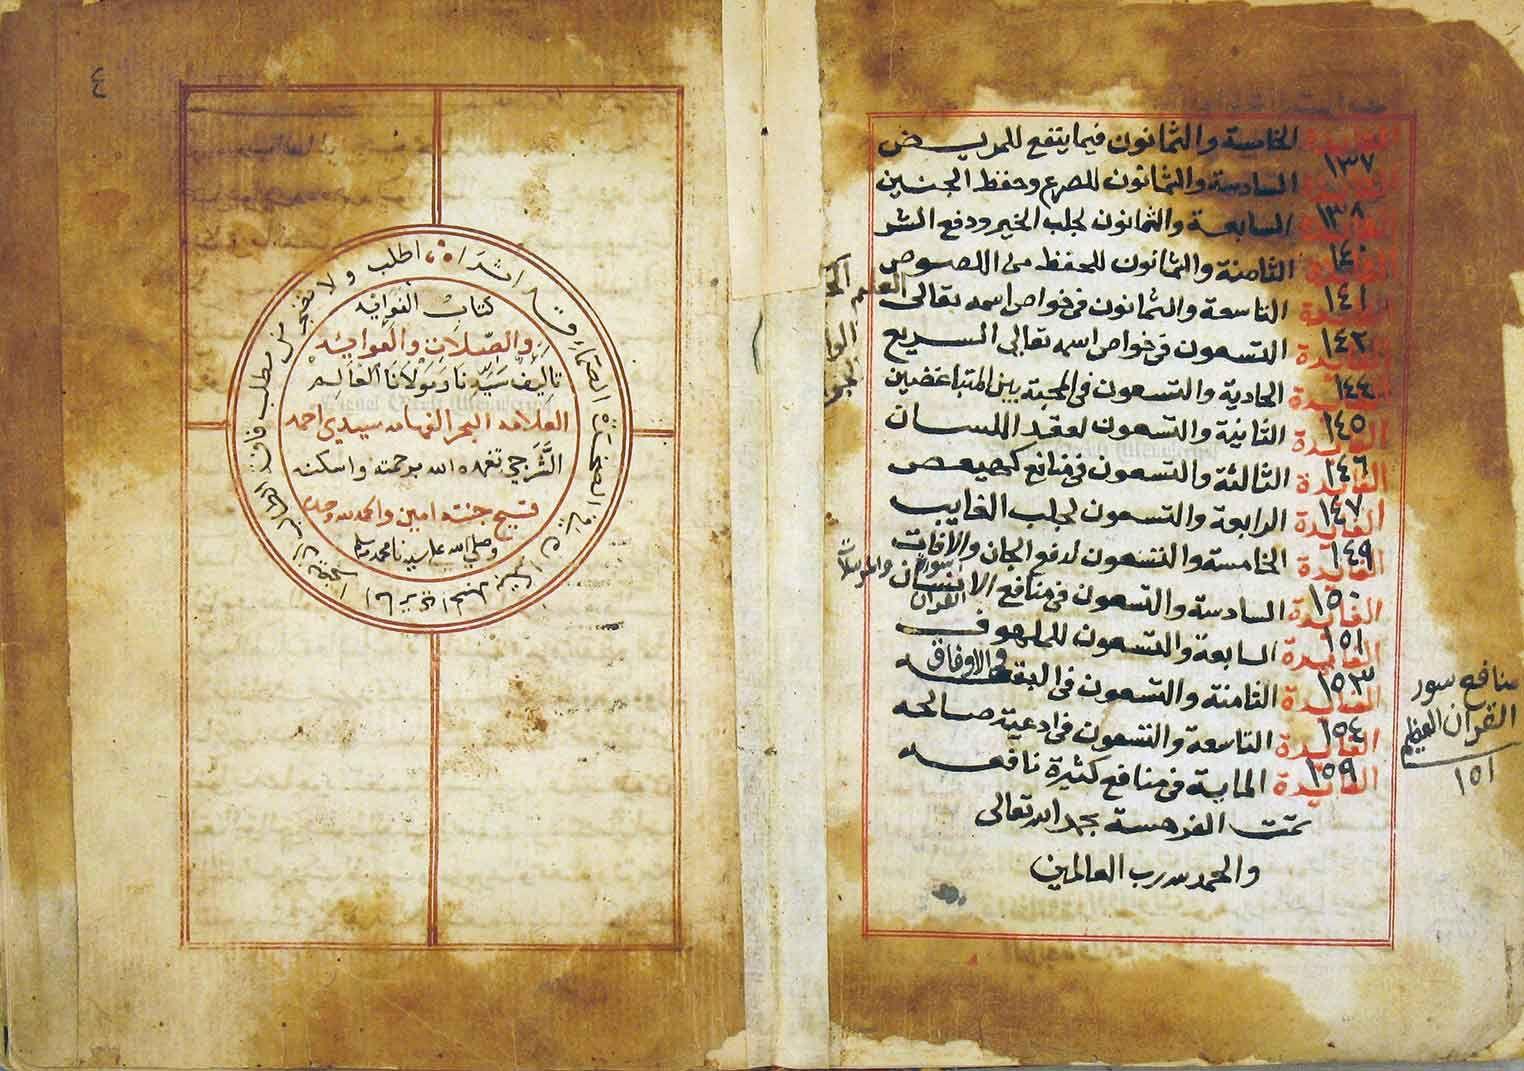 مخطوط الفوائد في الصلات والعوائد Elle Yazma Bilgi Duanin Gucu